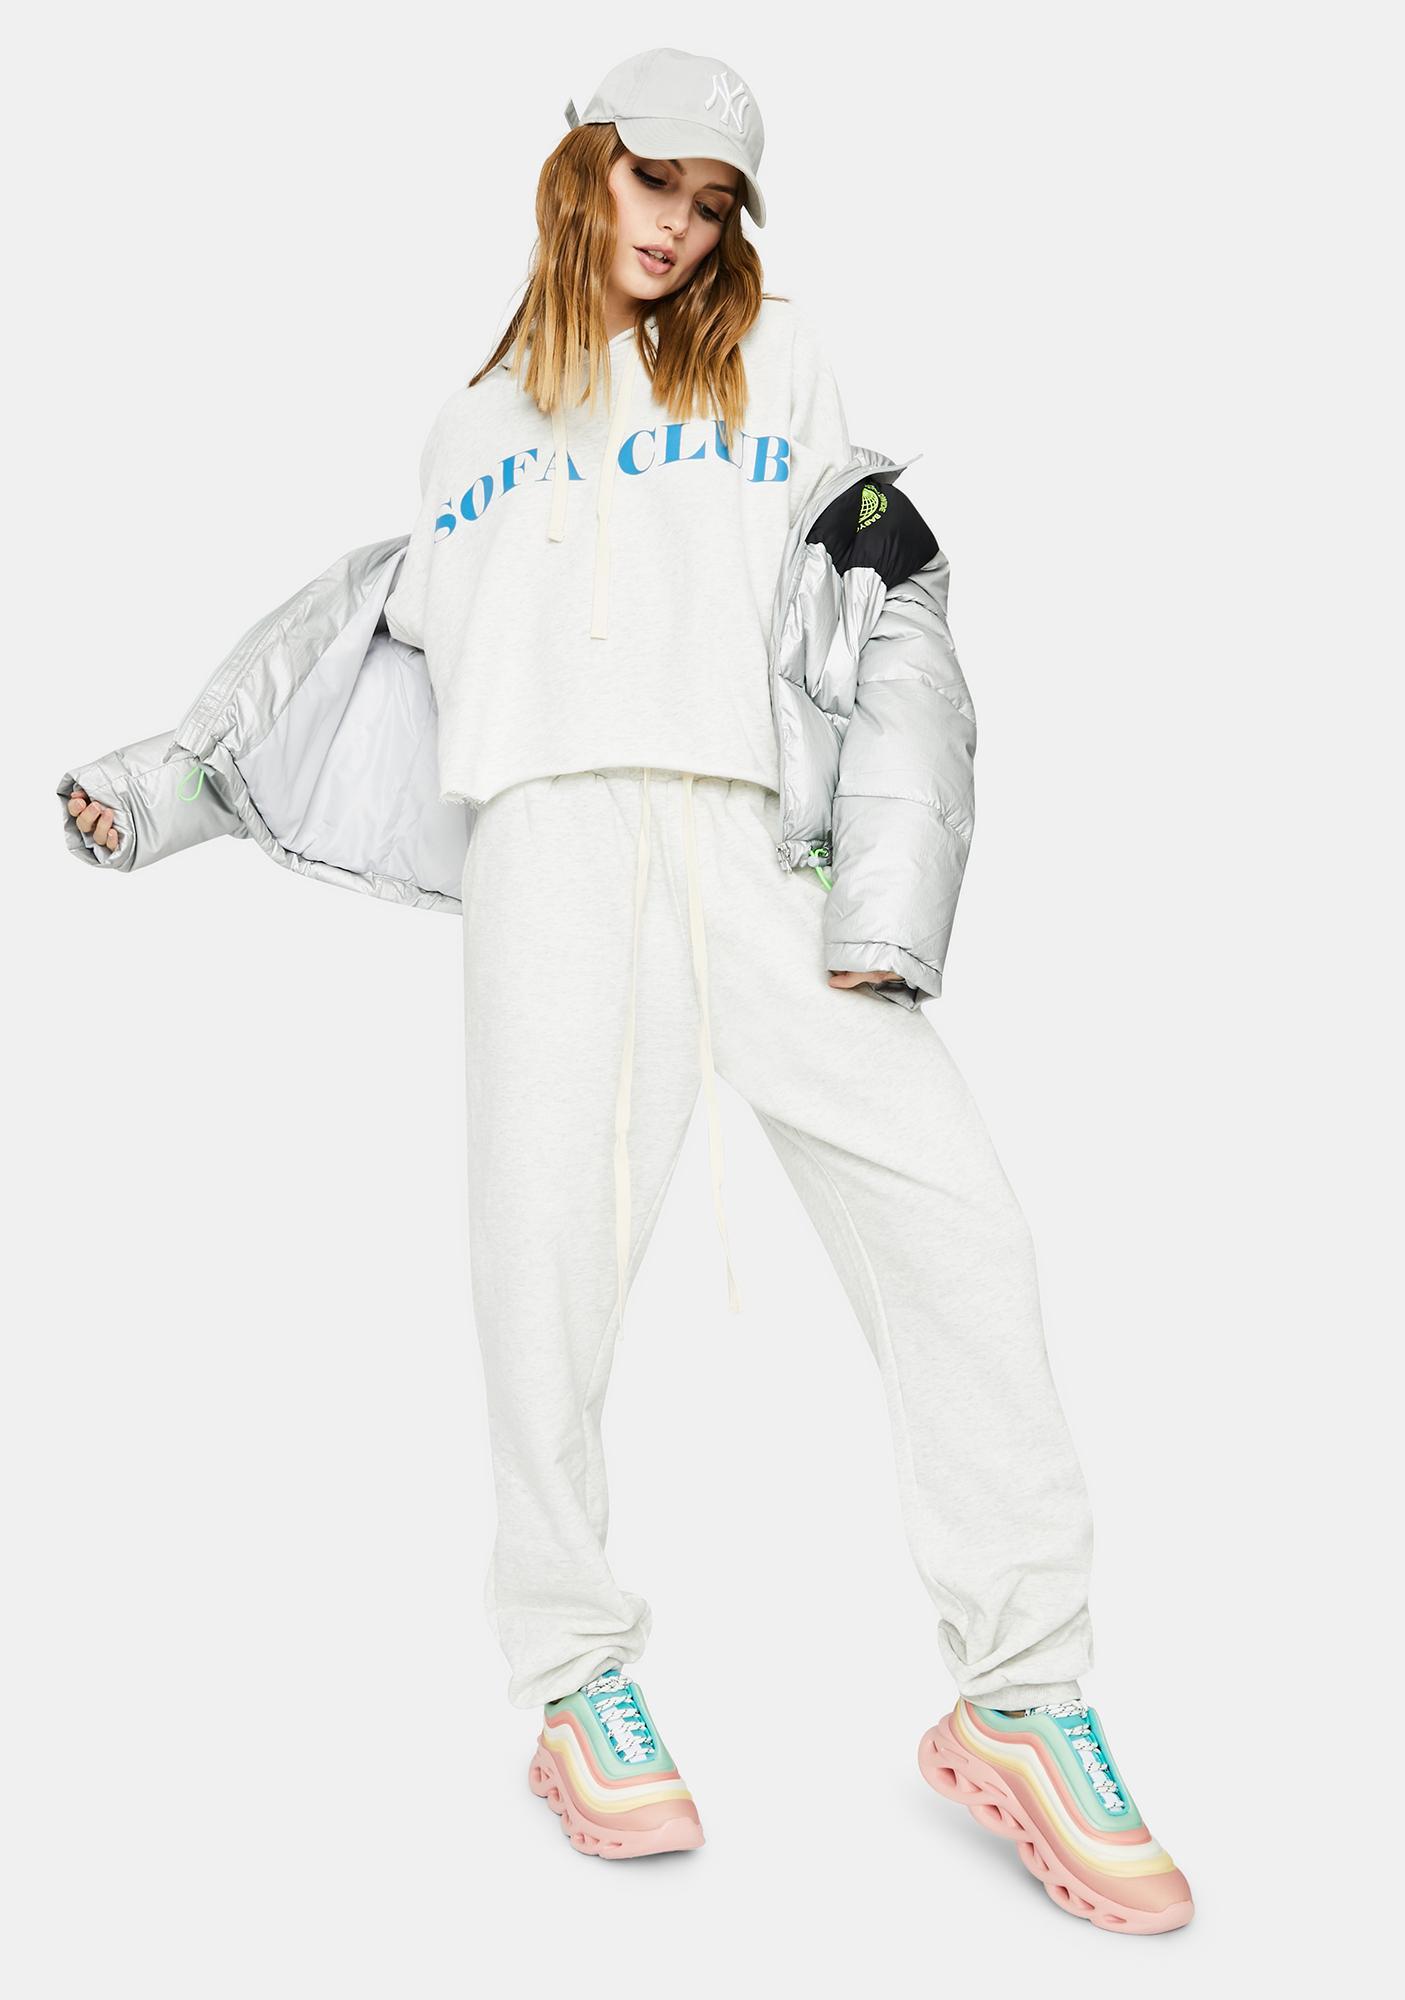 Bailey Rose Heather Grey Couch Club Sweatshirt